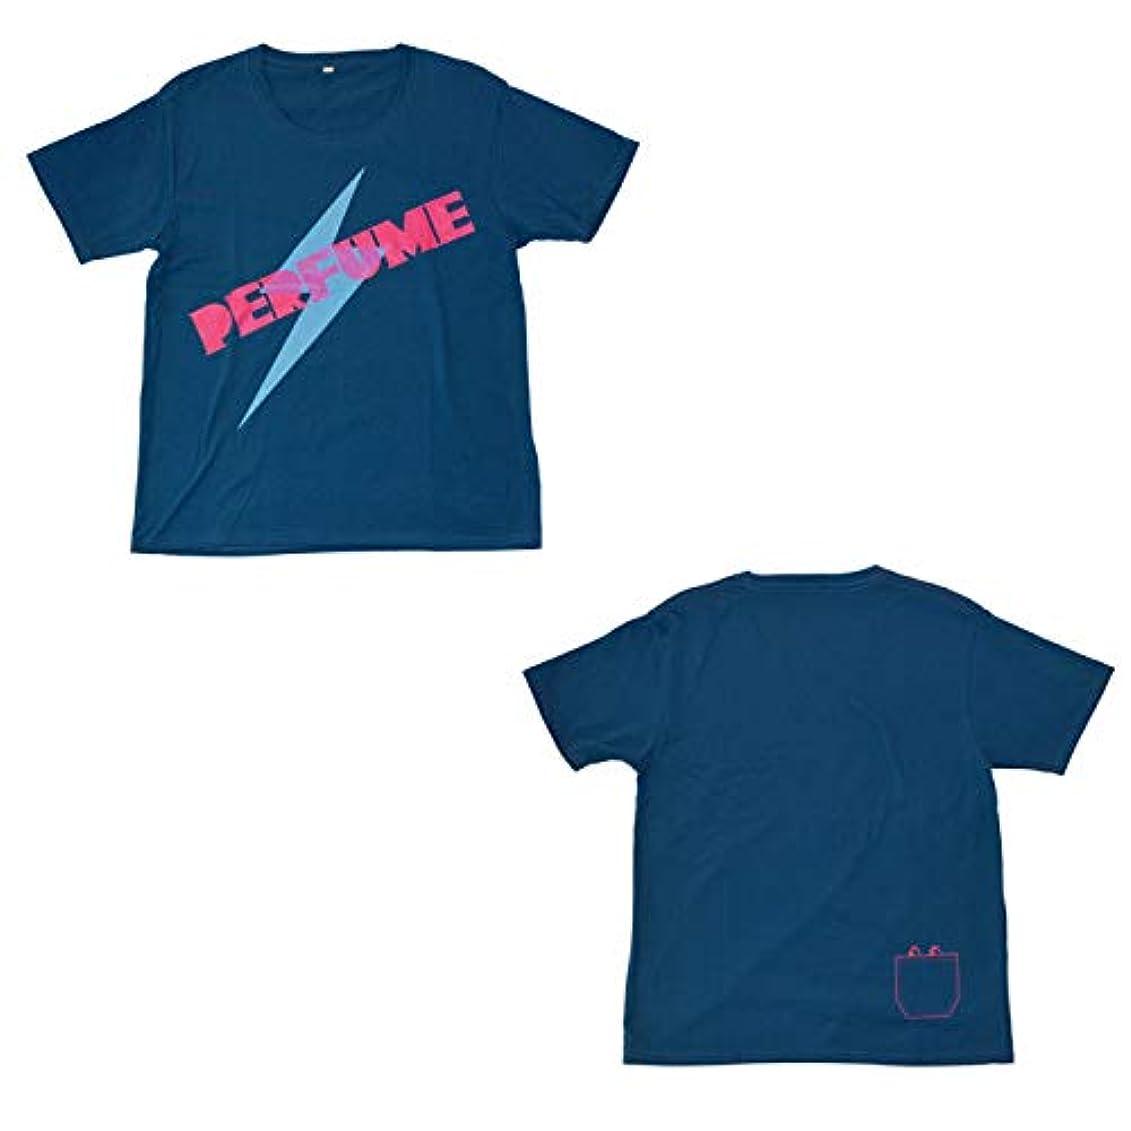 する逆さまに国際Perfume(パフューム) イナズマTシャツ Lサイズ 2010年